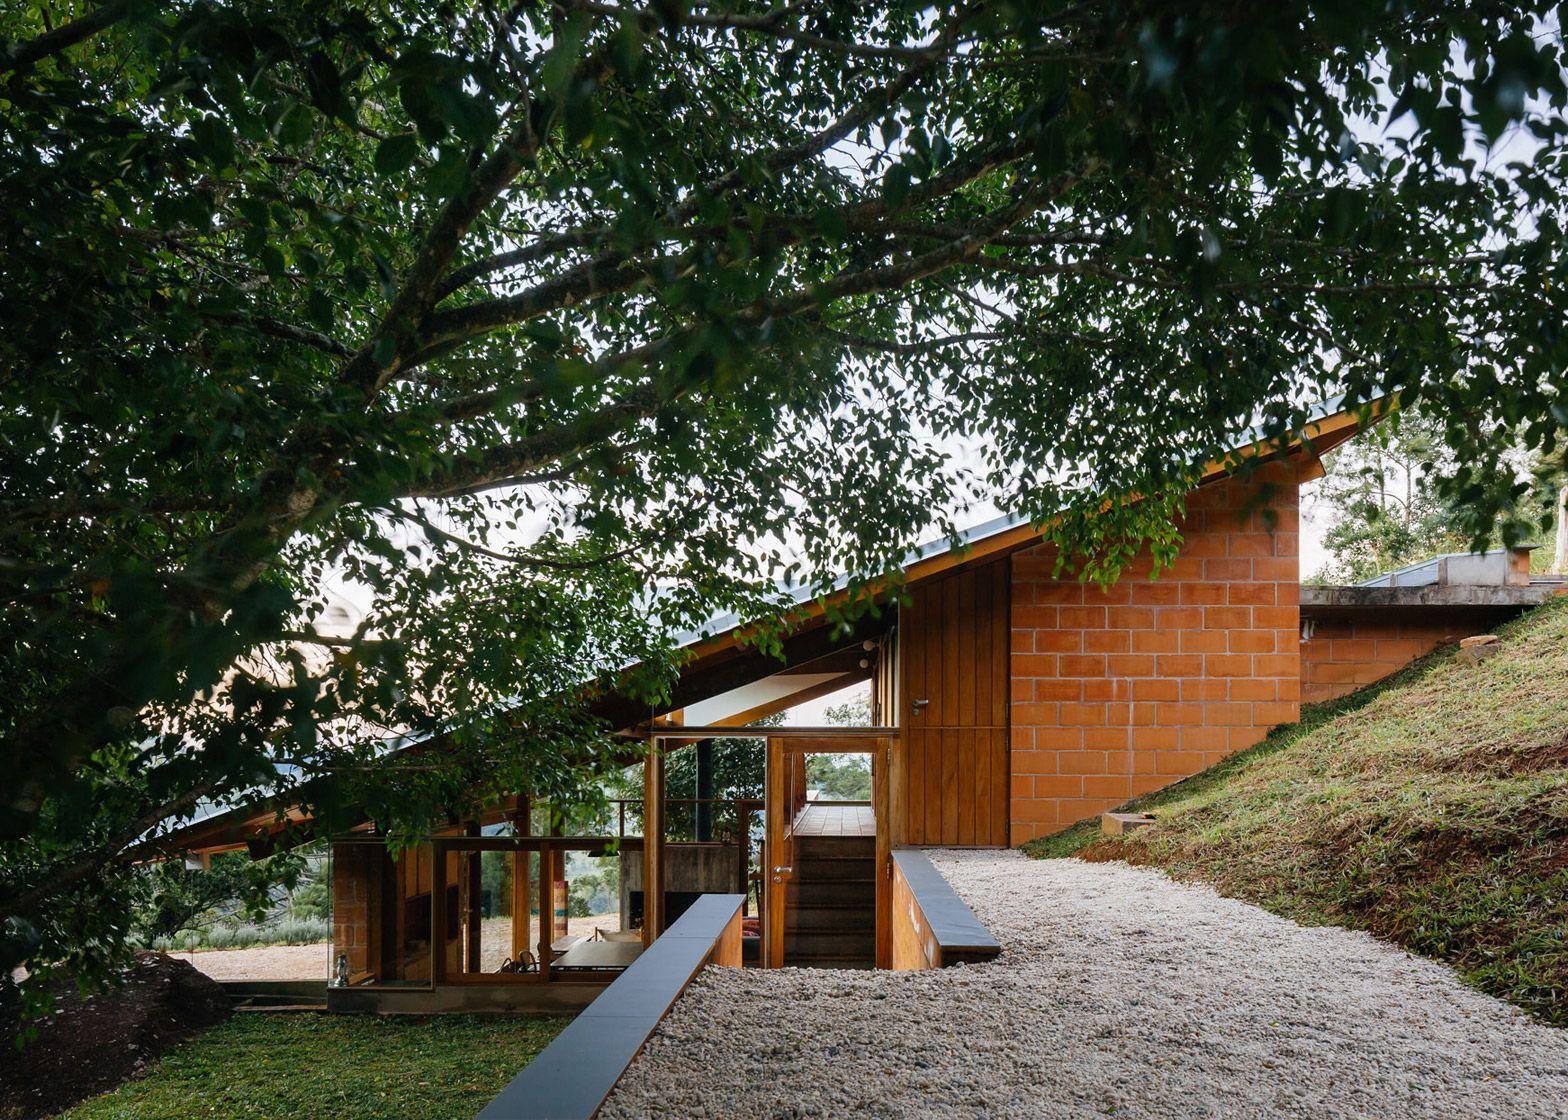 Slope House Steps Hillside In Rural Brazil